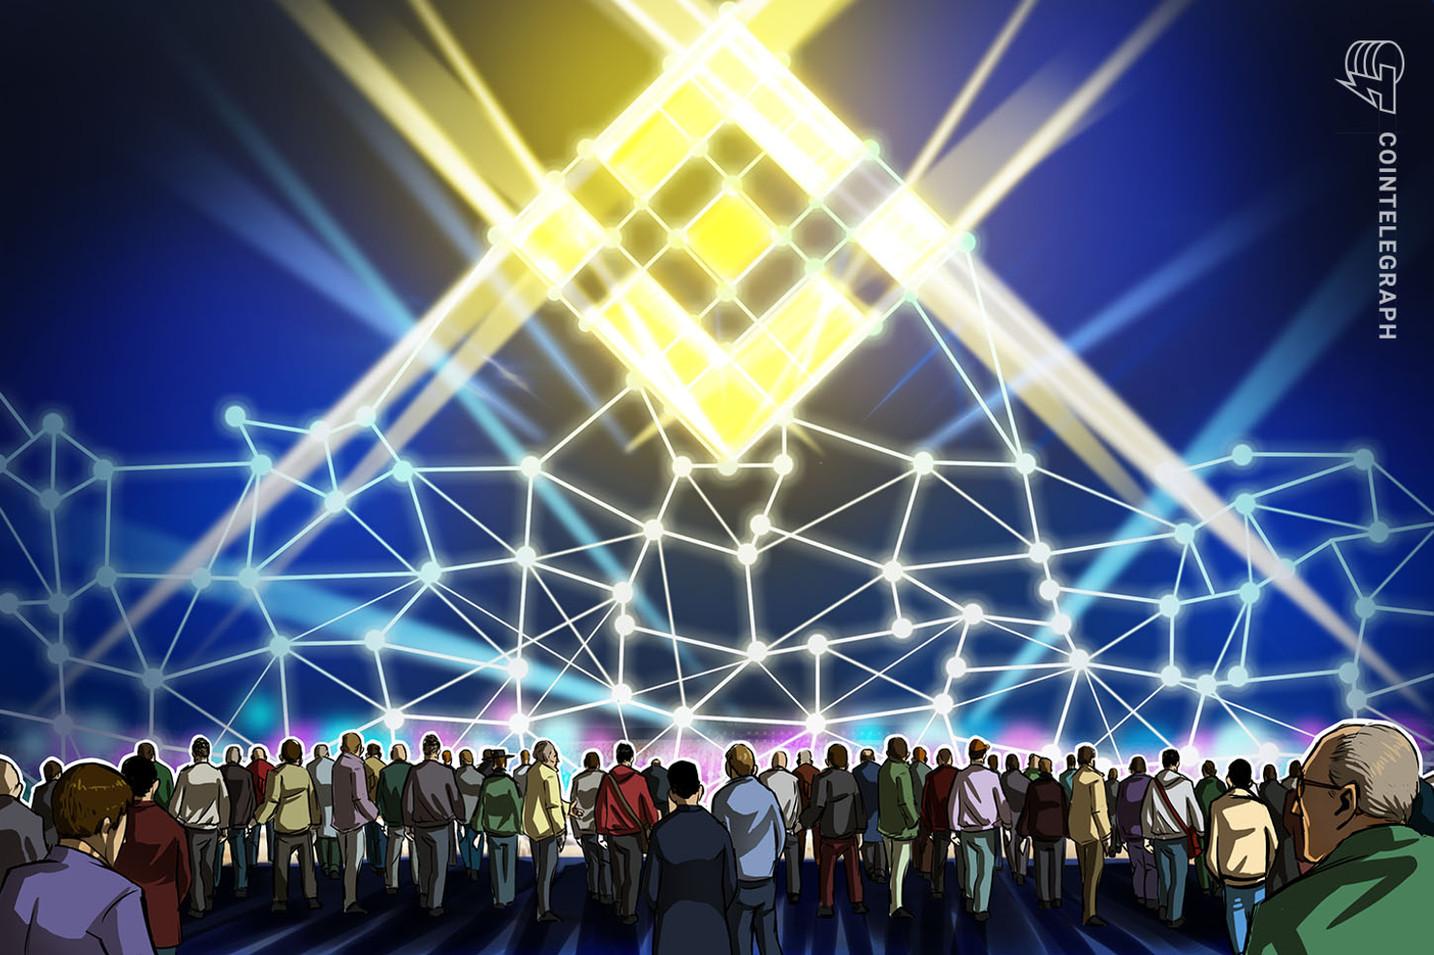 仮想通貨取引所バイナンス、日本語を話せる弁護士を募集【ニュース】